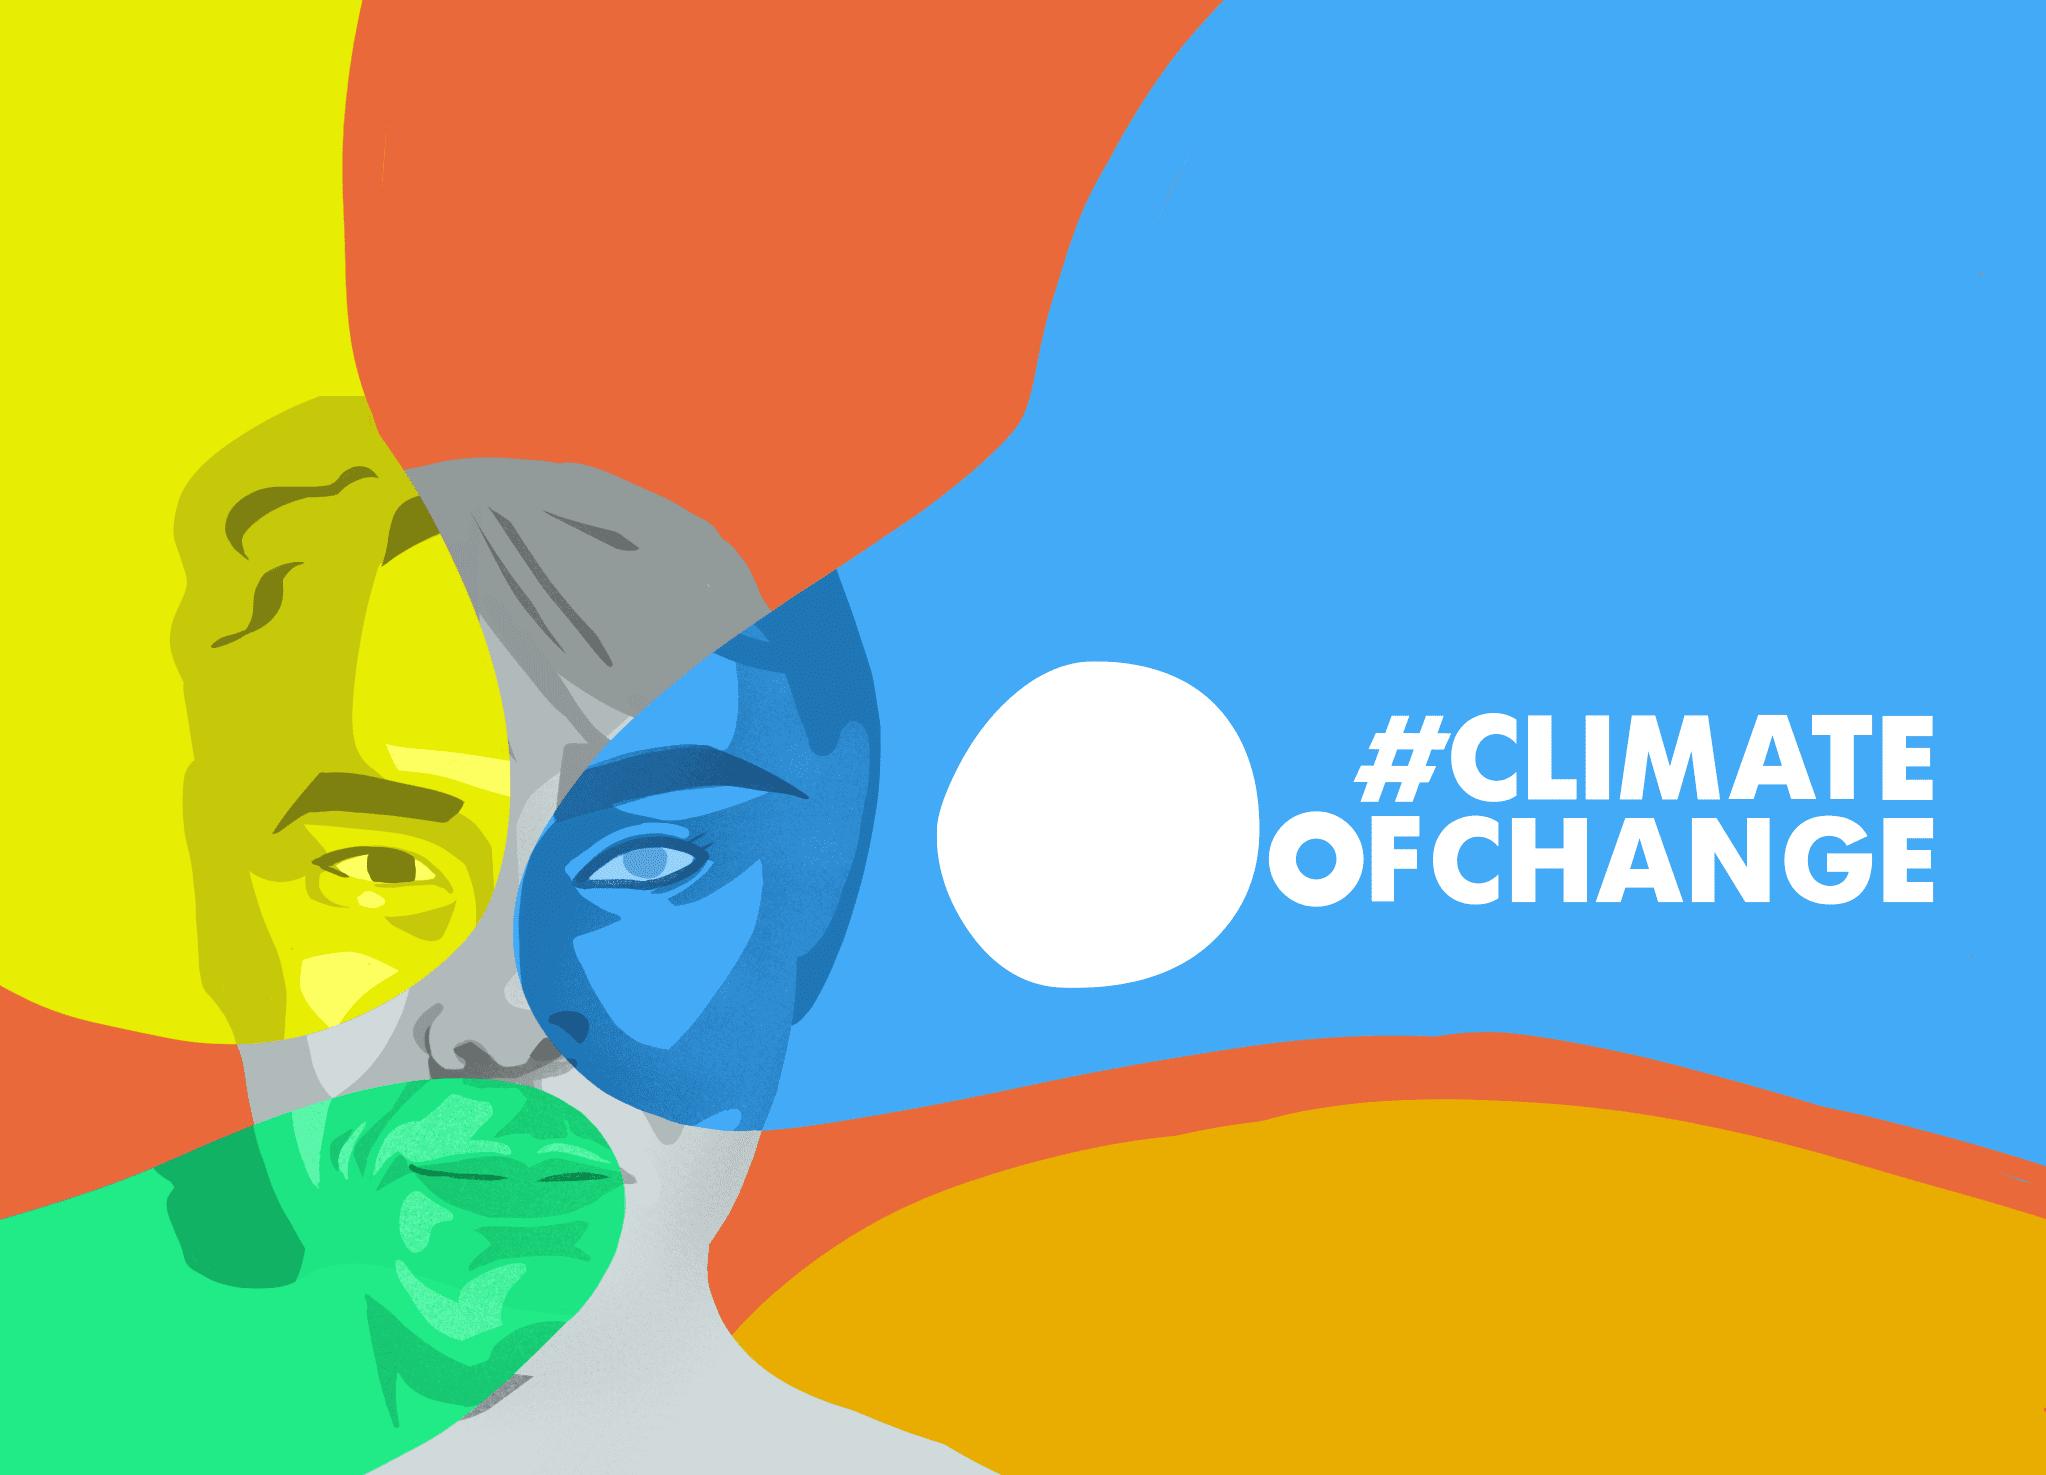 Podpiši peticijo: Zaustavimo podnebne spremembe, oblikujmo okolje za spremembe!